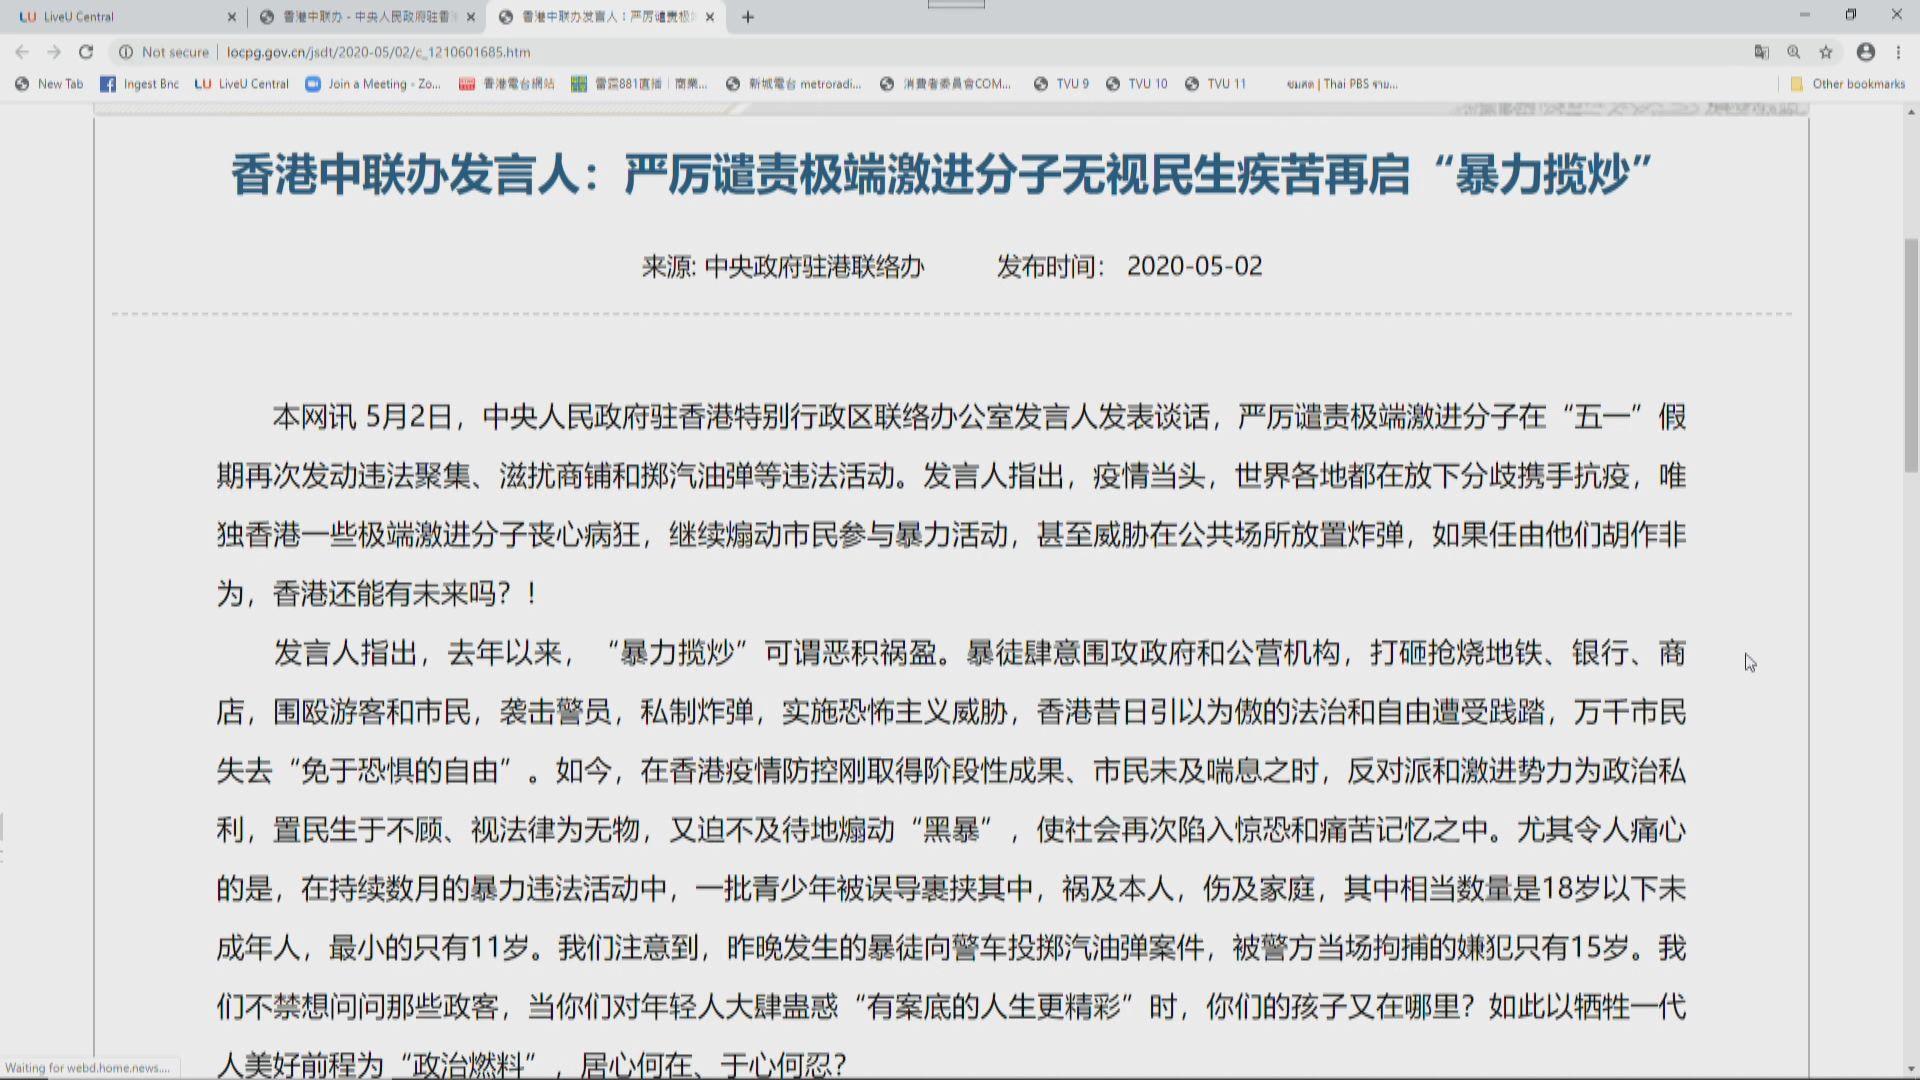 中聯辦:讉責極端激進分子勞動節違法聚集